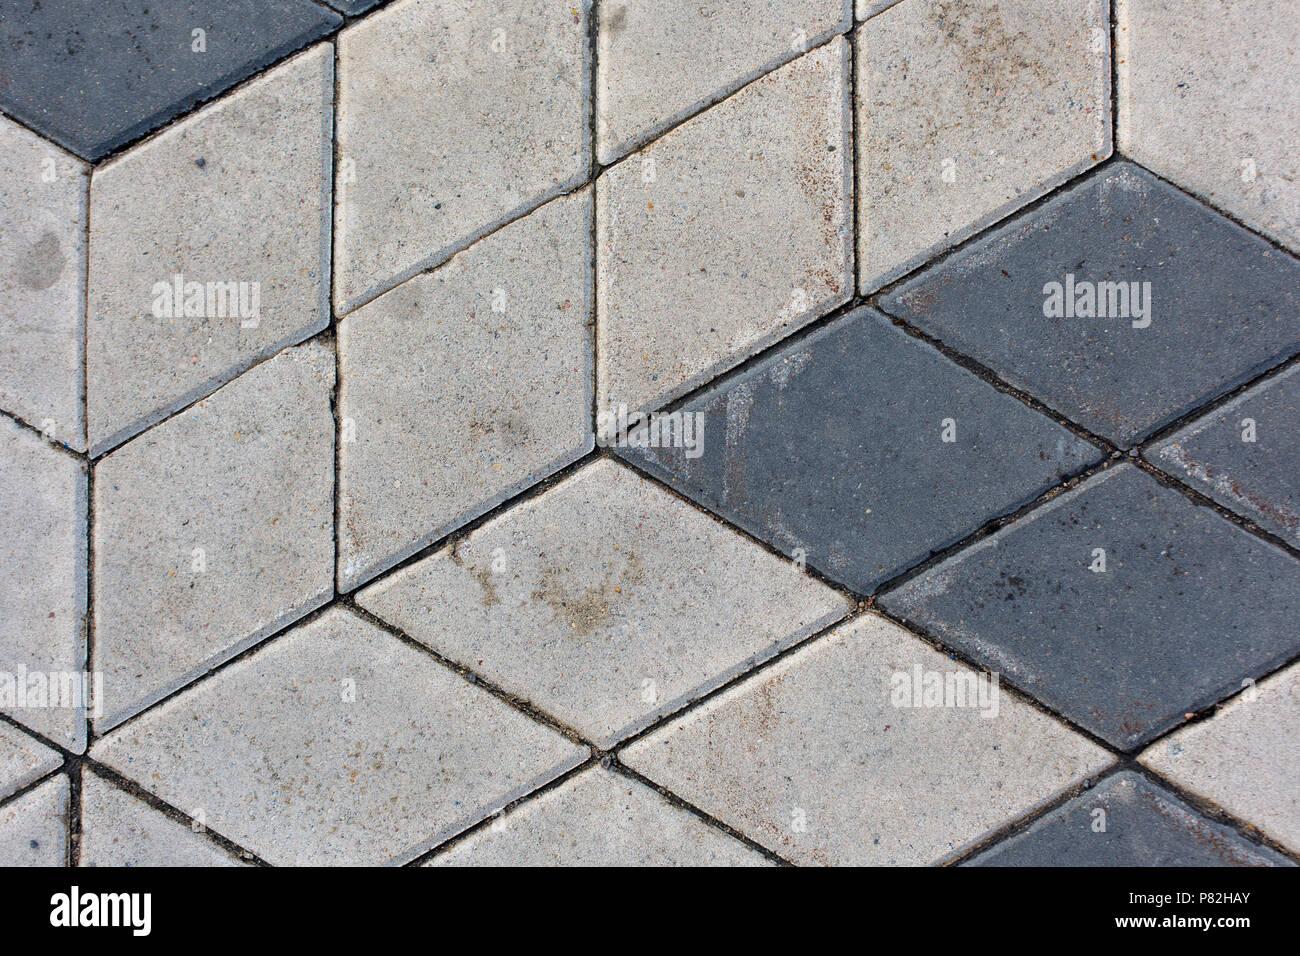 Konkrete rhombus Fliesen Muster Textur Hintergrund Stockfoto ...